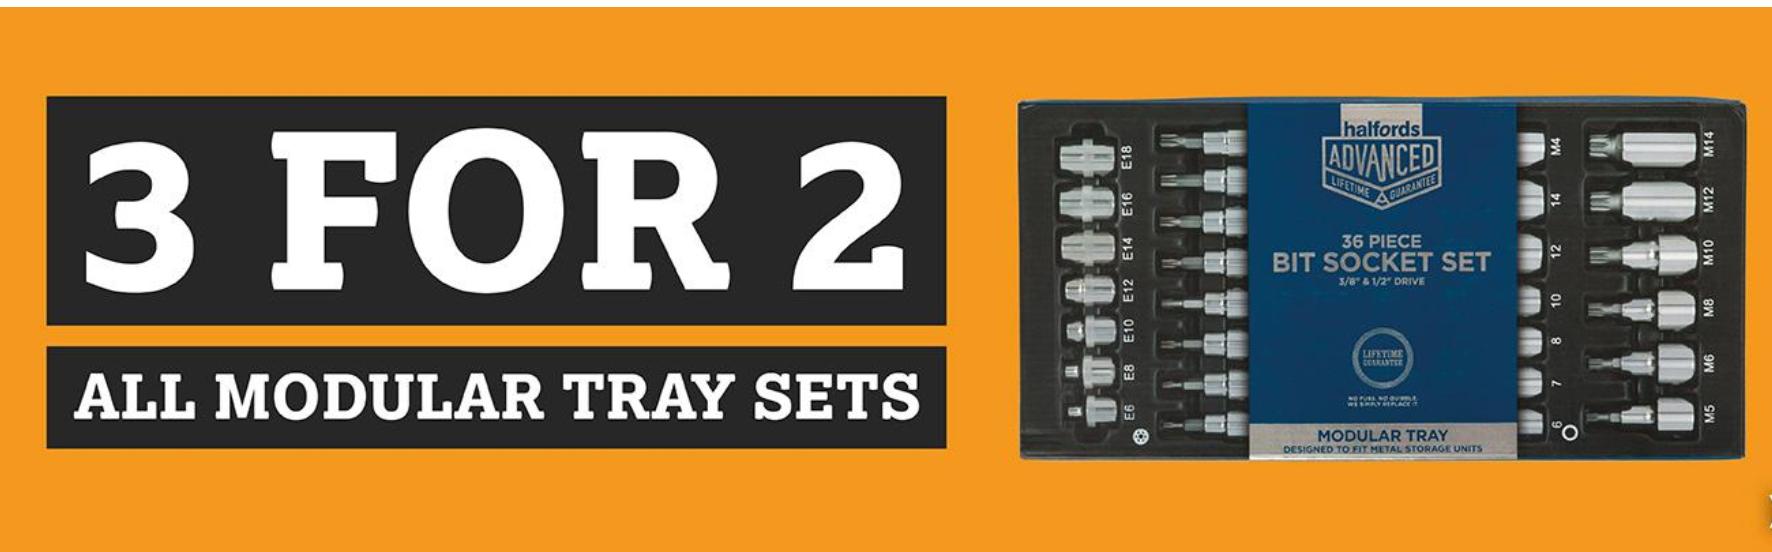 Halfords 3 for 2 deal on Workshop Modular Tray Sets